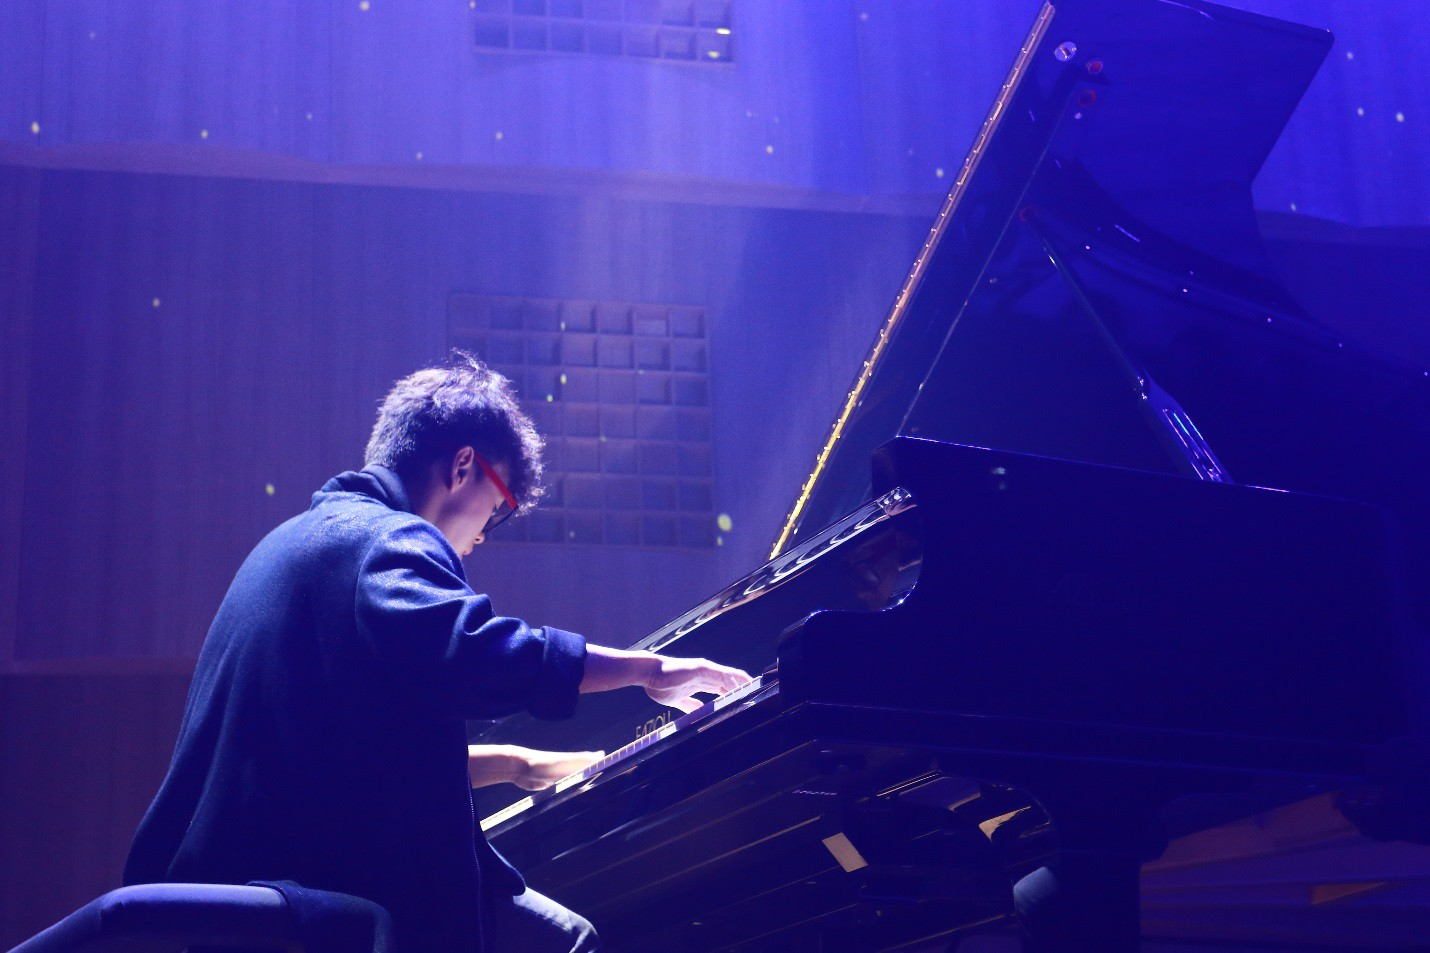 Màn biểu diễn cực chất của nghệ sĩ Tuấn Mạnh tại gala chào đón tân sinh viên Đại học Quốc tế Sài Gòn - Ảnh 3.